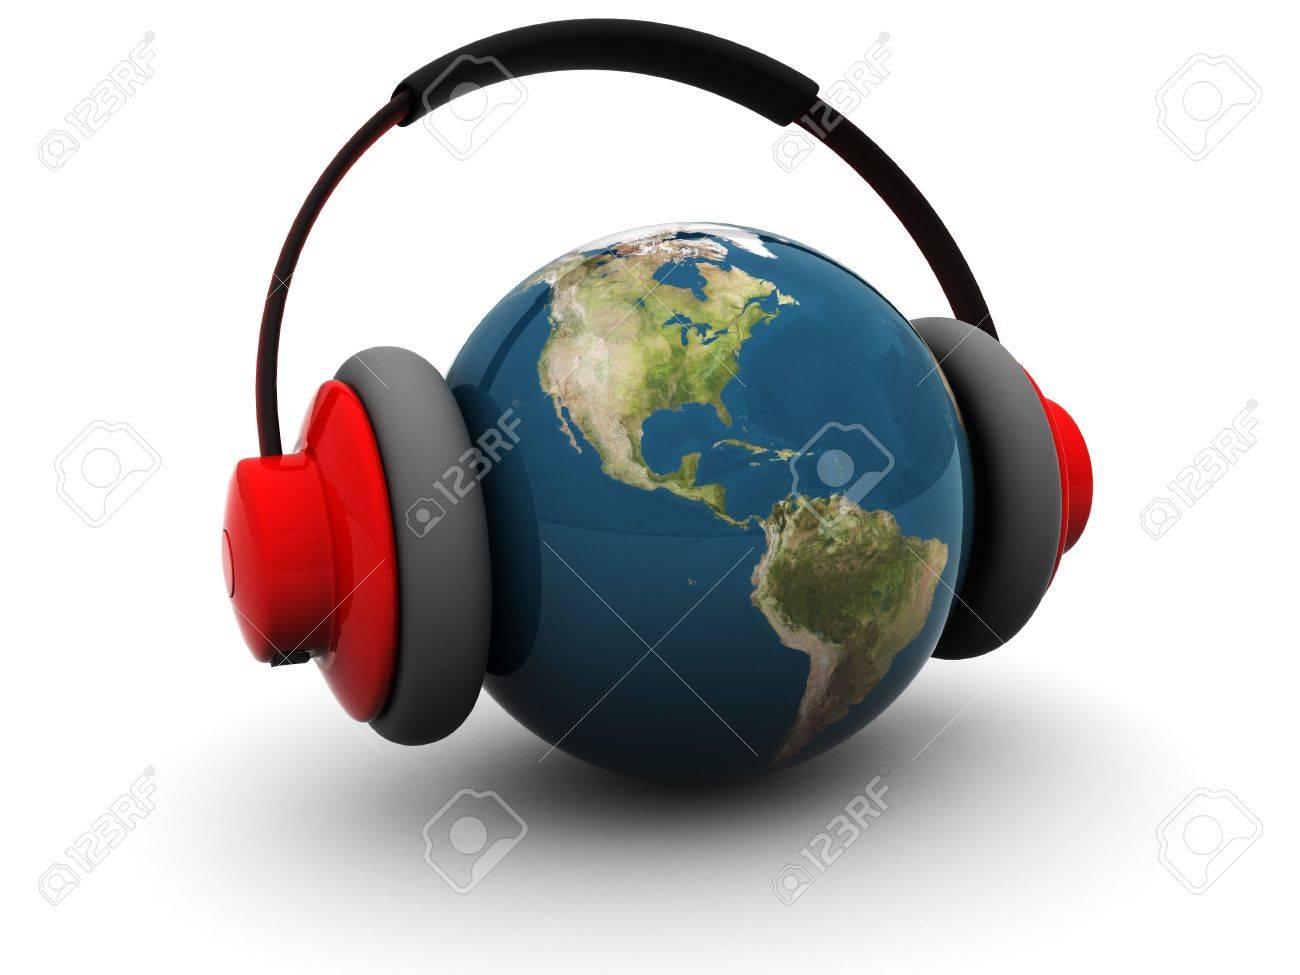 3d illustration of earth globe in headphones over white background Stock Illustration - 4754002